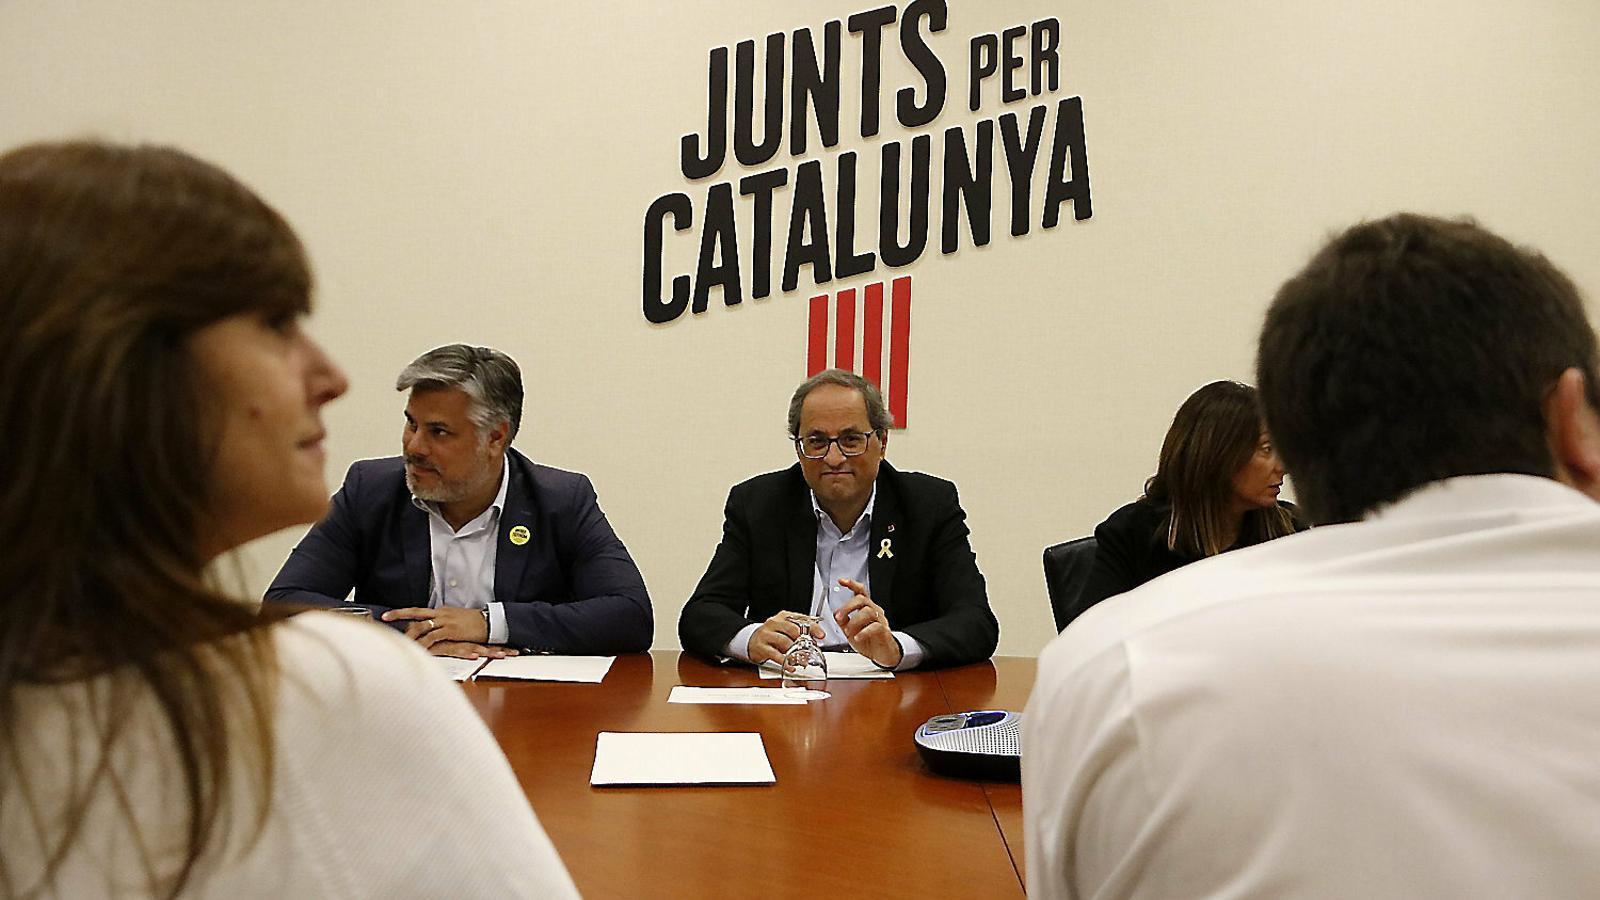 El president de la Generalitat, Quim Torra, en una reunió de la cúpula de Junts per Catalunya.